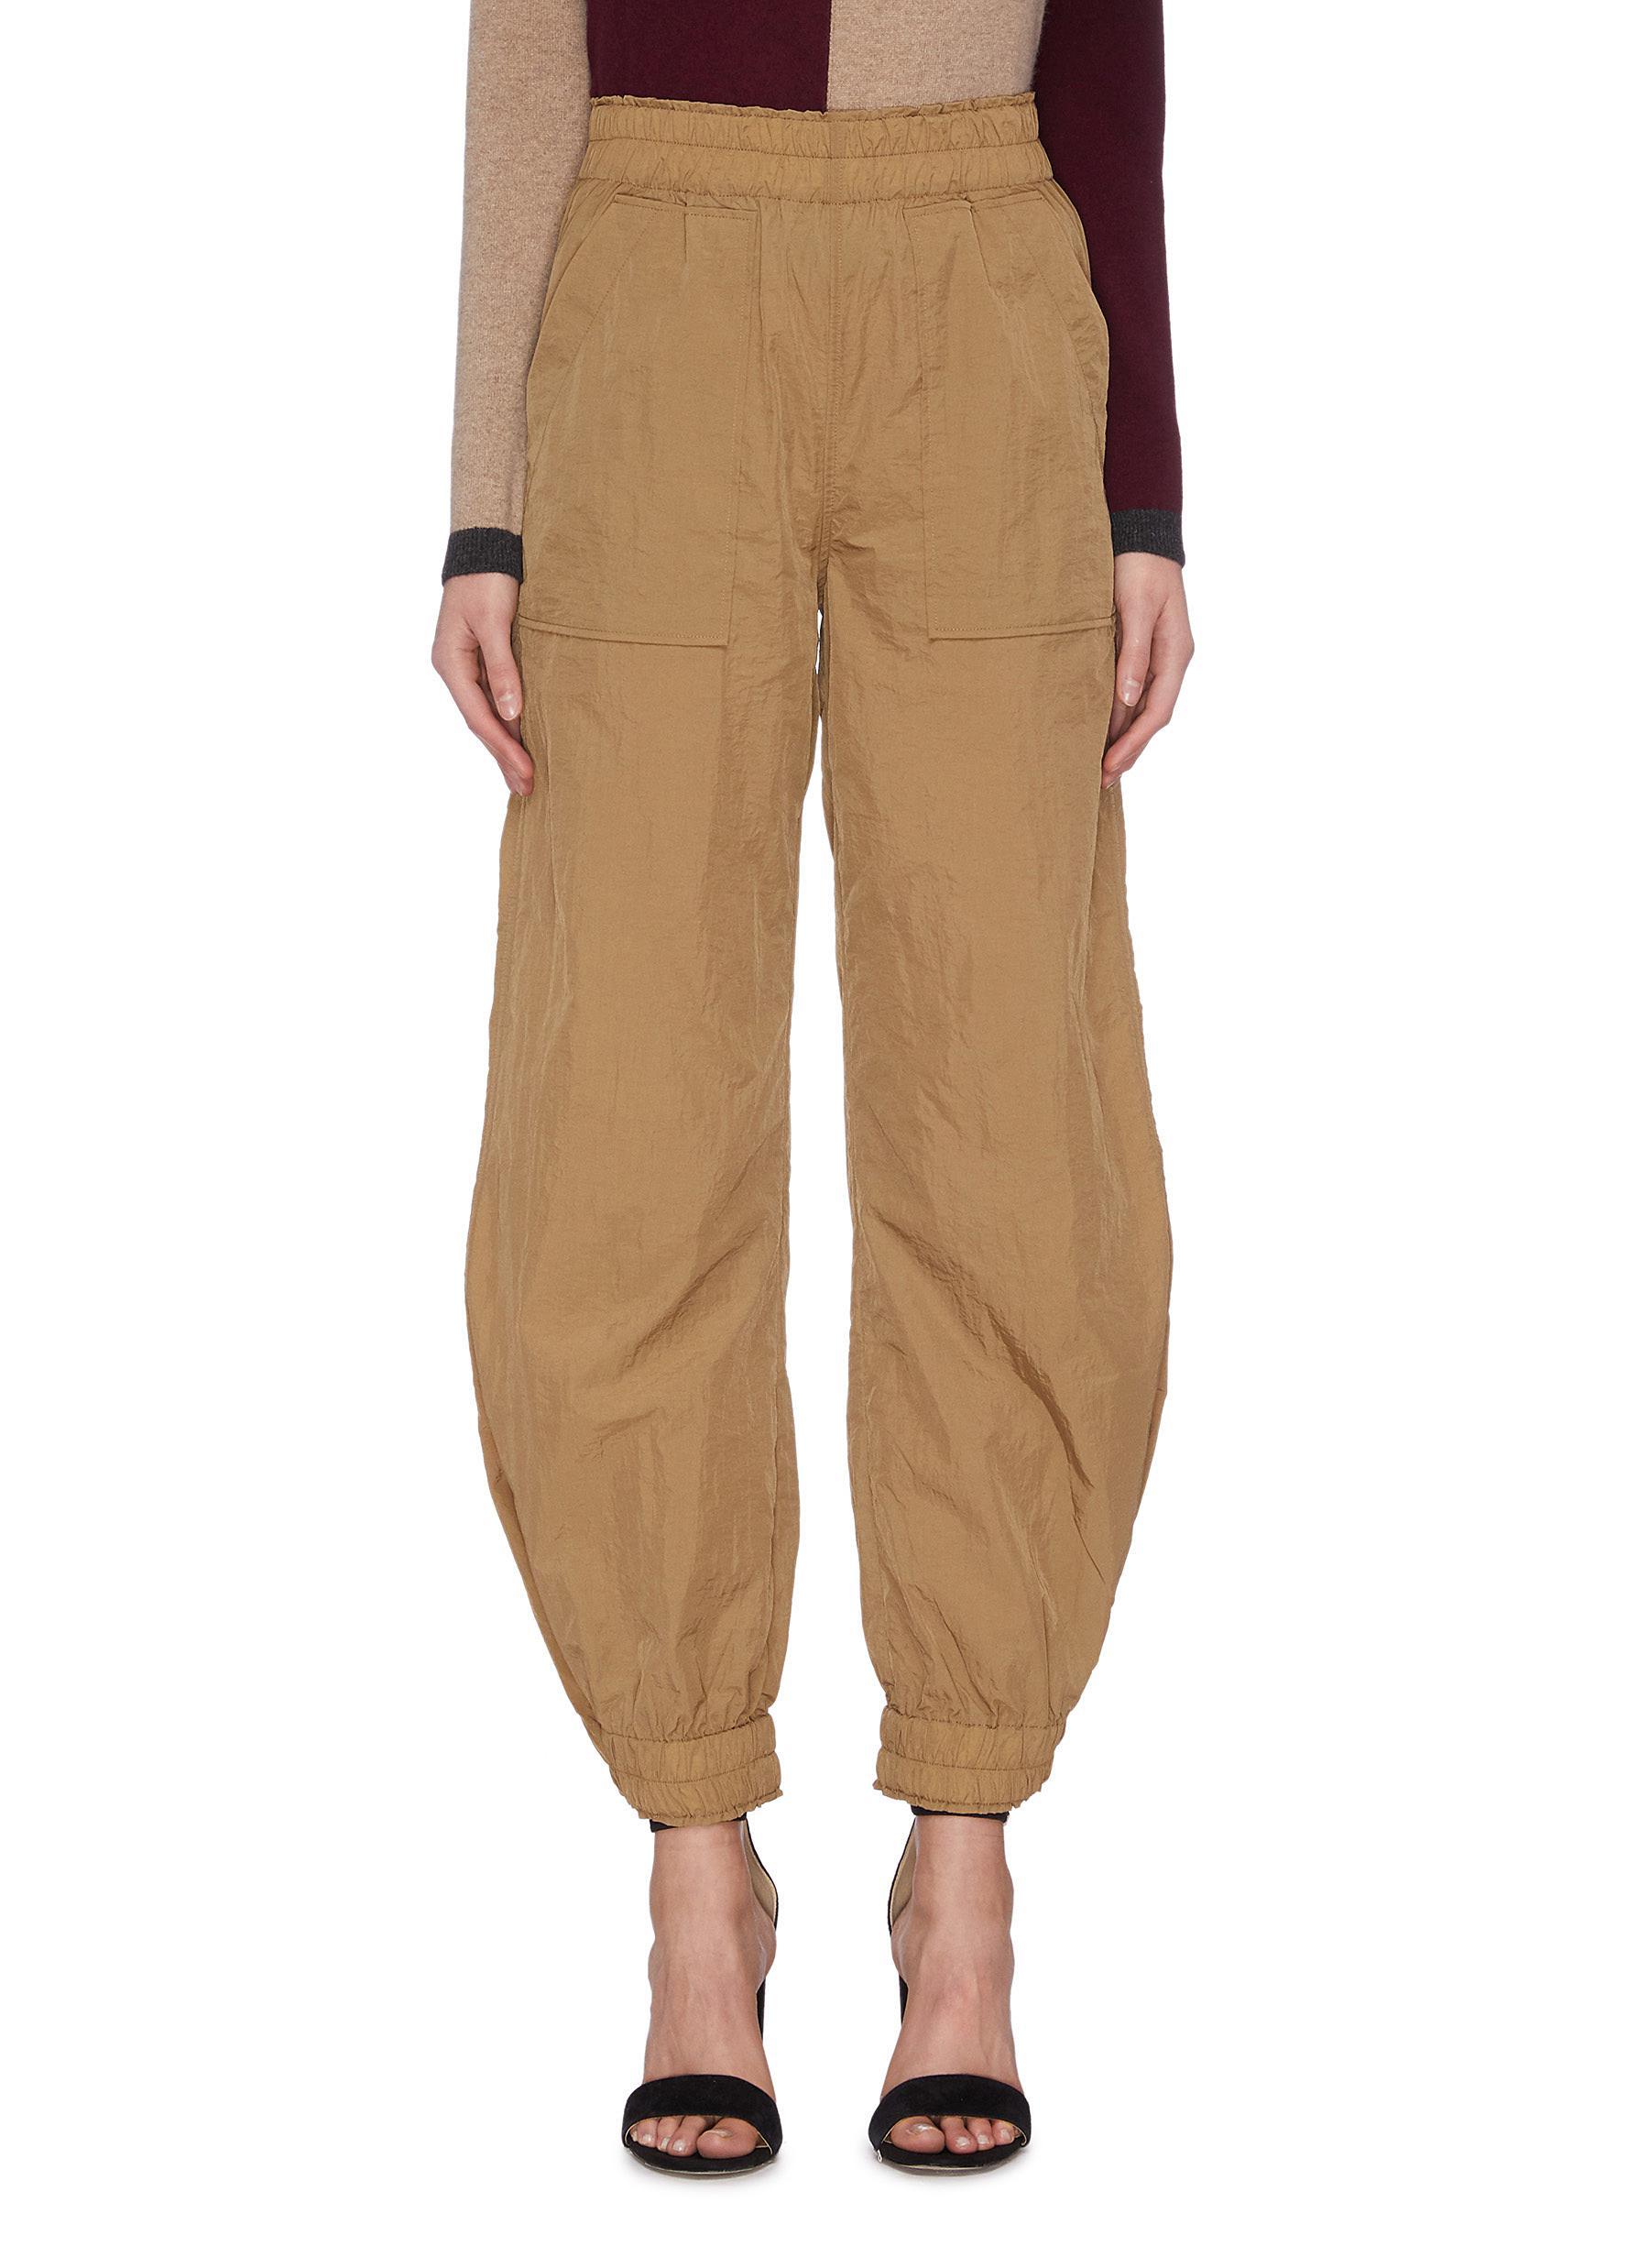 shop Ganni Crinkled Drawstring Tech Pants online